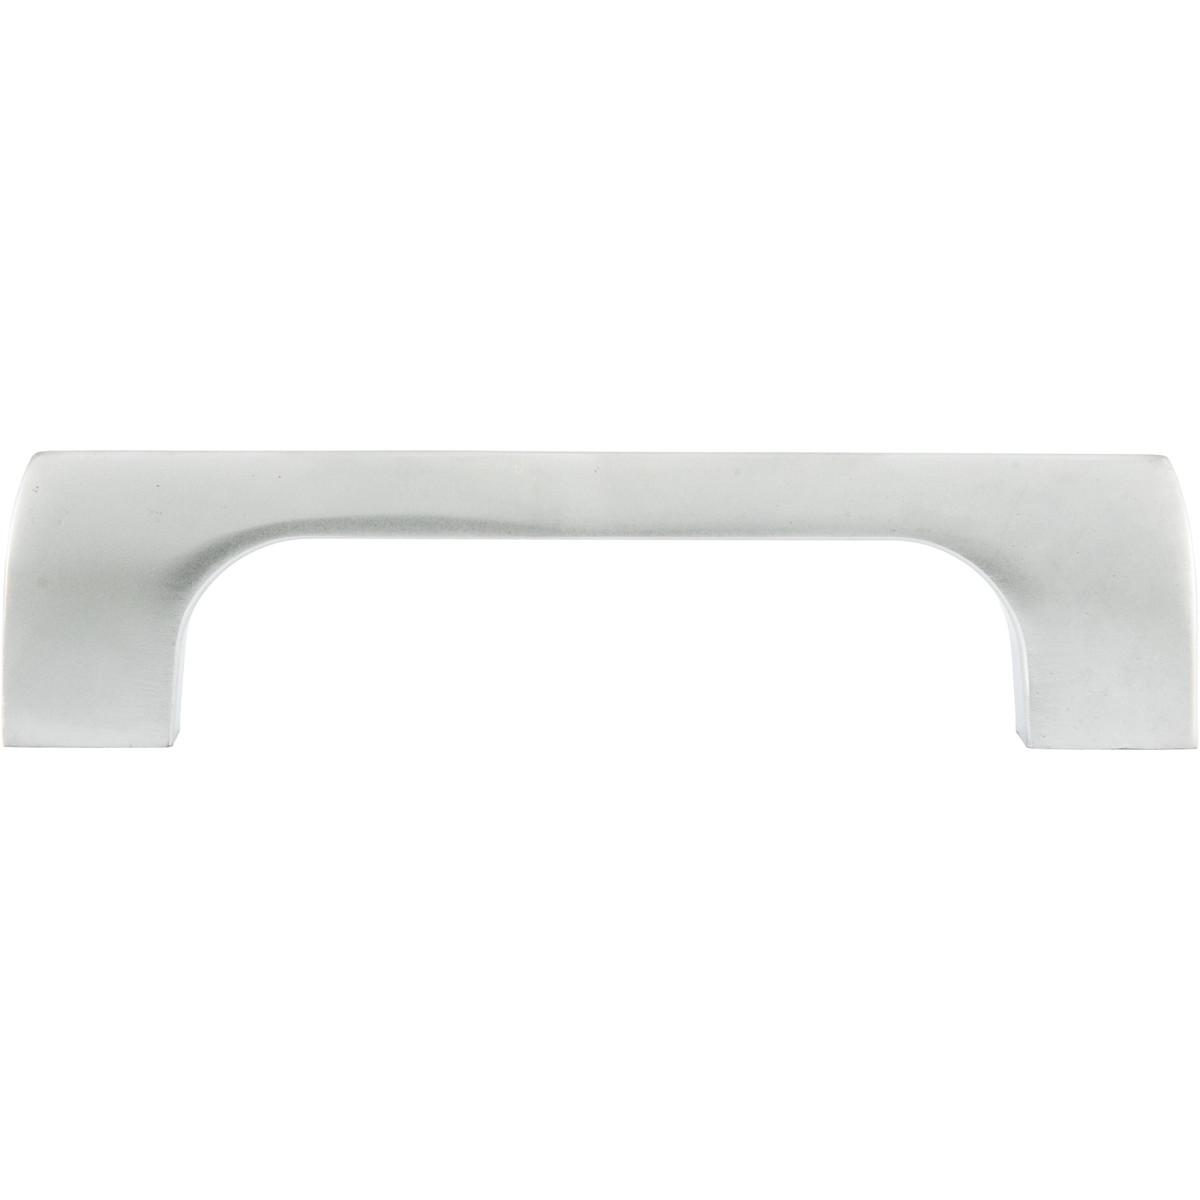 Ручка-Скоба Мебельная R-3070 96 Цвет Матовый Хром